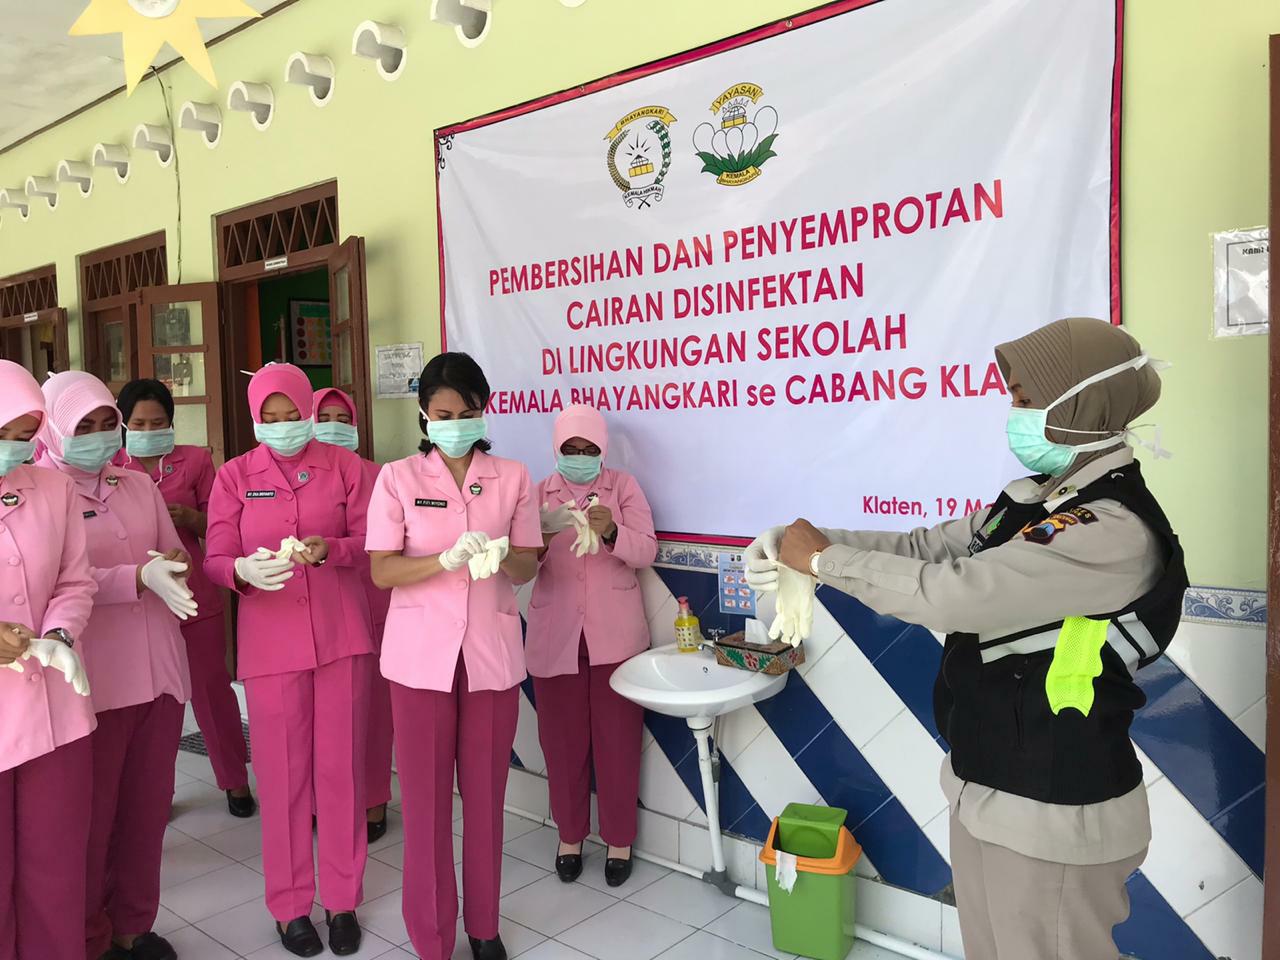 Cegah Penyebaran Virus Corona Bhayangkari Polres Klaten Semprotkan Disinfektan dan Bersihkan Sekolah TK Bhayangkari